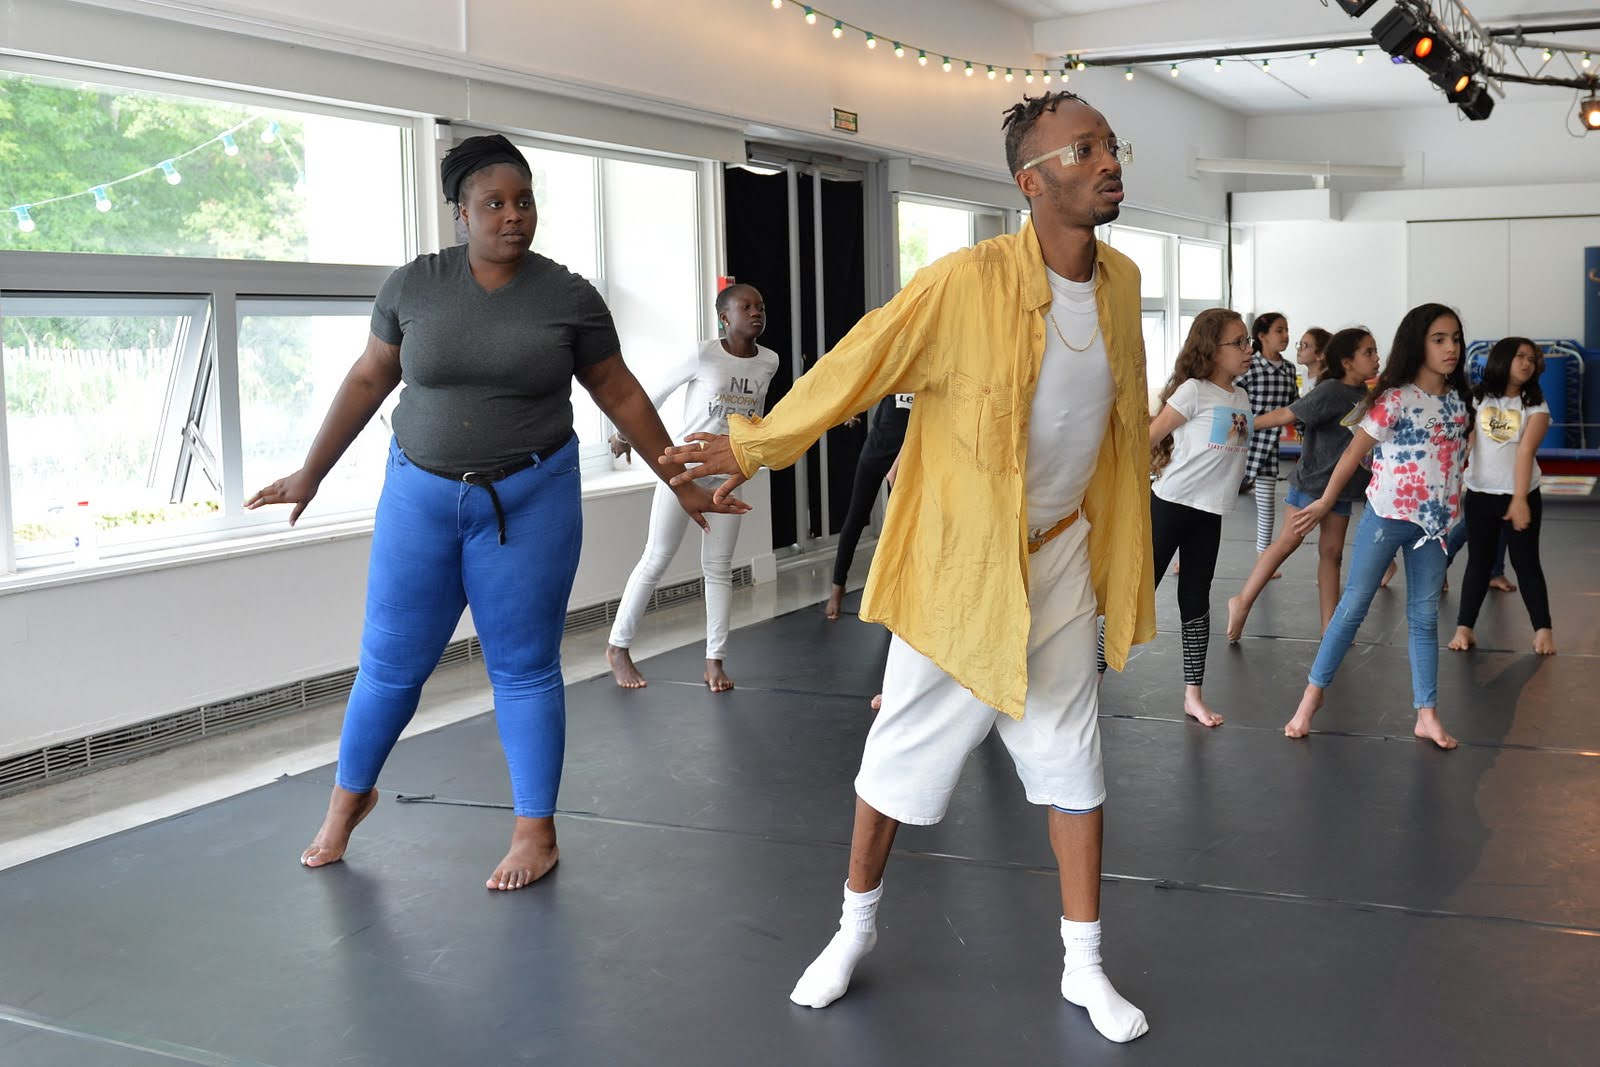 Vacances apprenantes : atelier de hip hop à la Villette